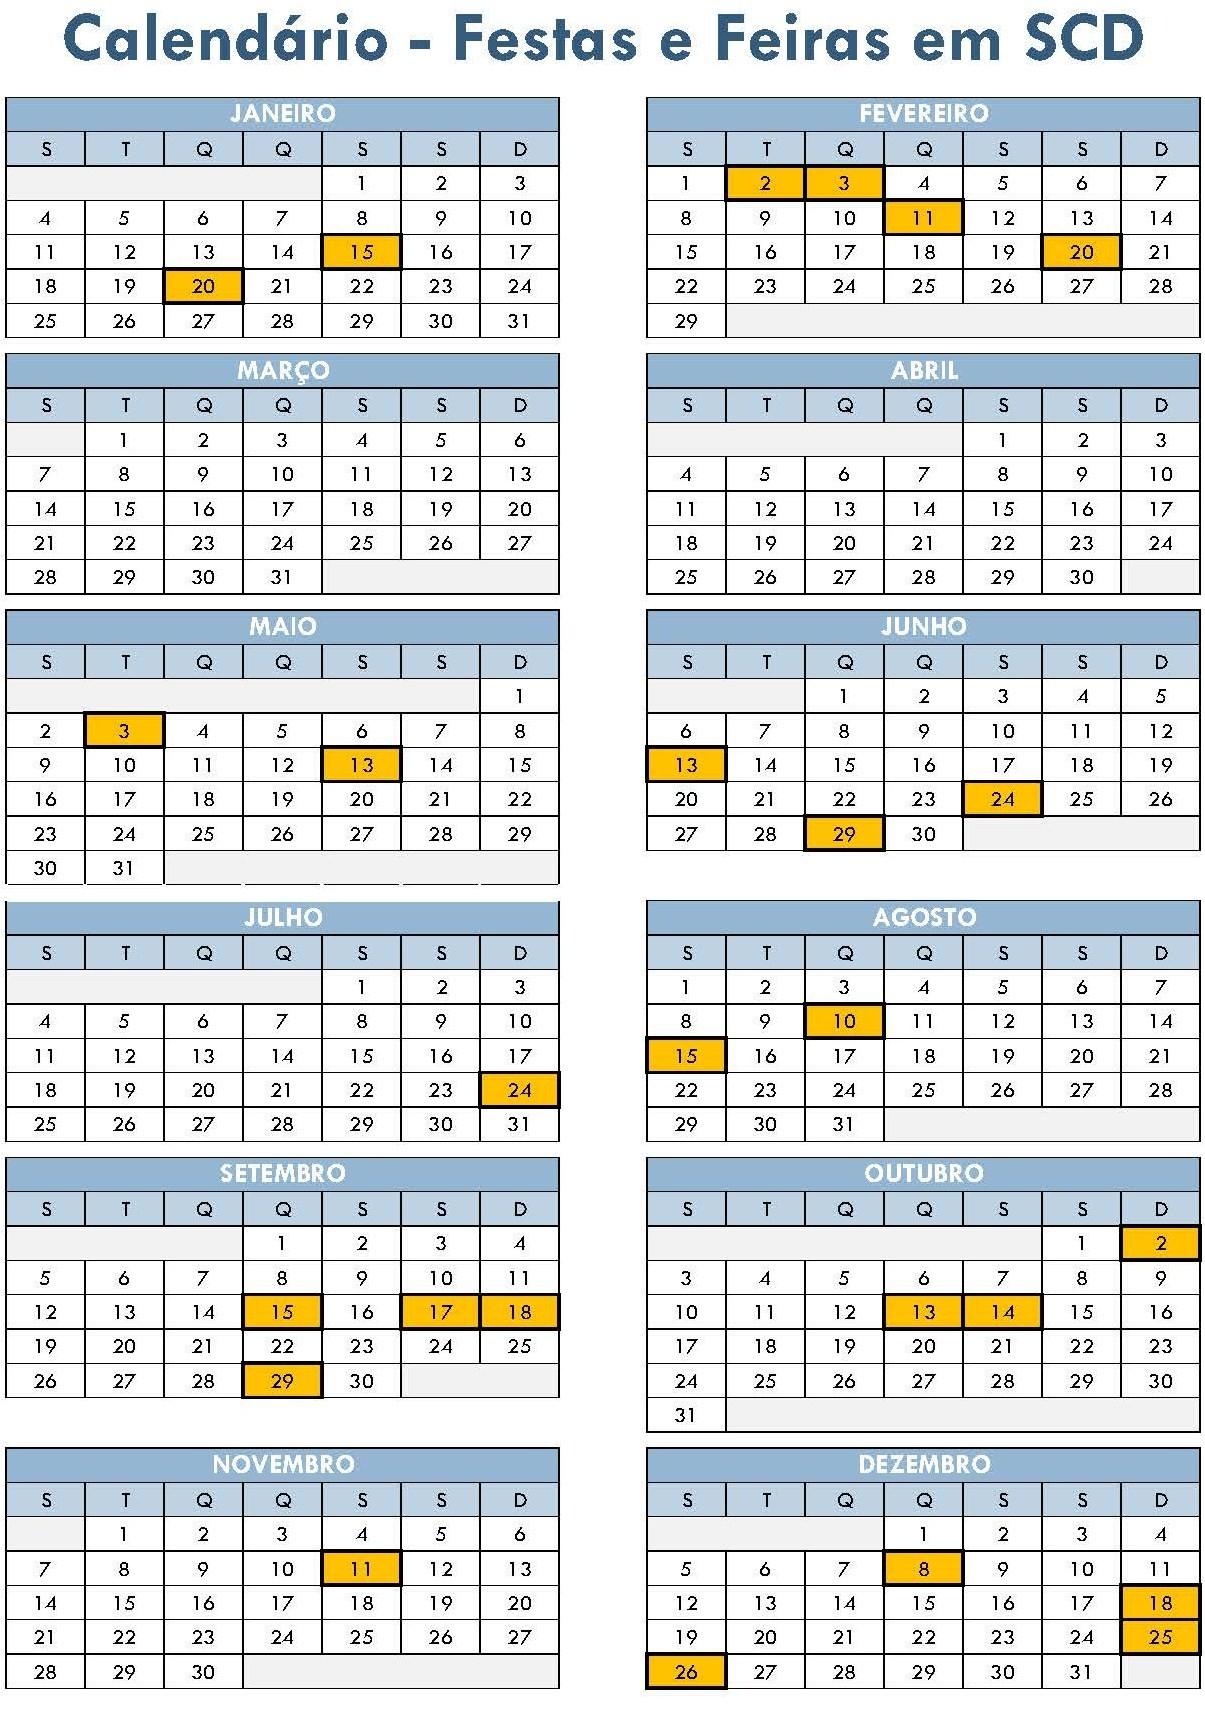 Calendário de Festas e Feiras em SCDão